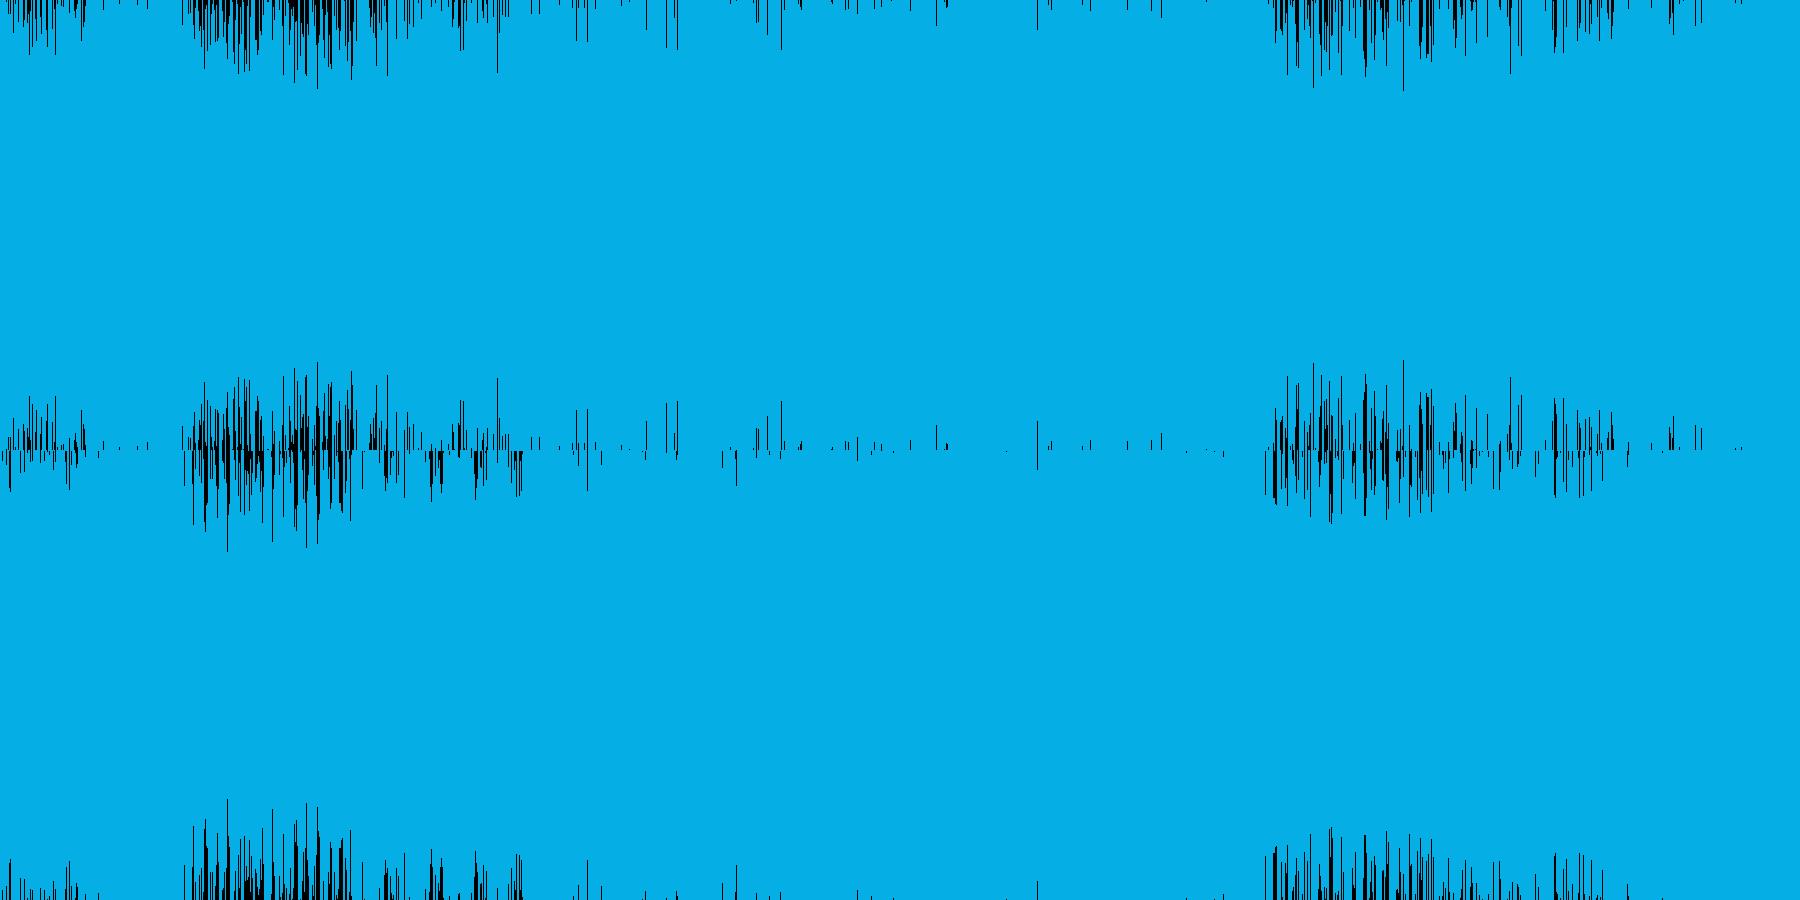 ギター+4つ打ちのループ曲です。の再生済みの波形